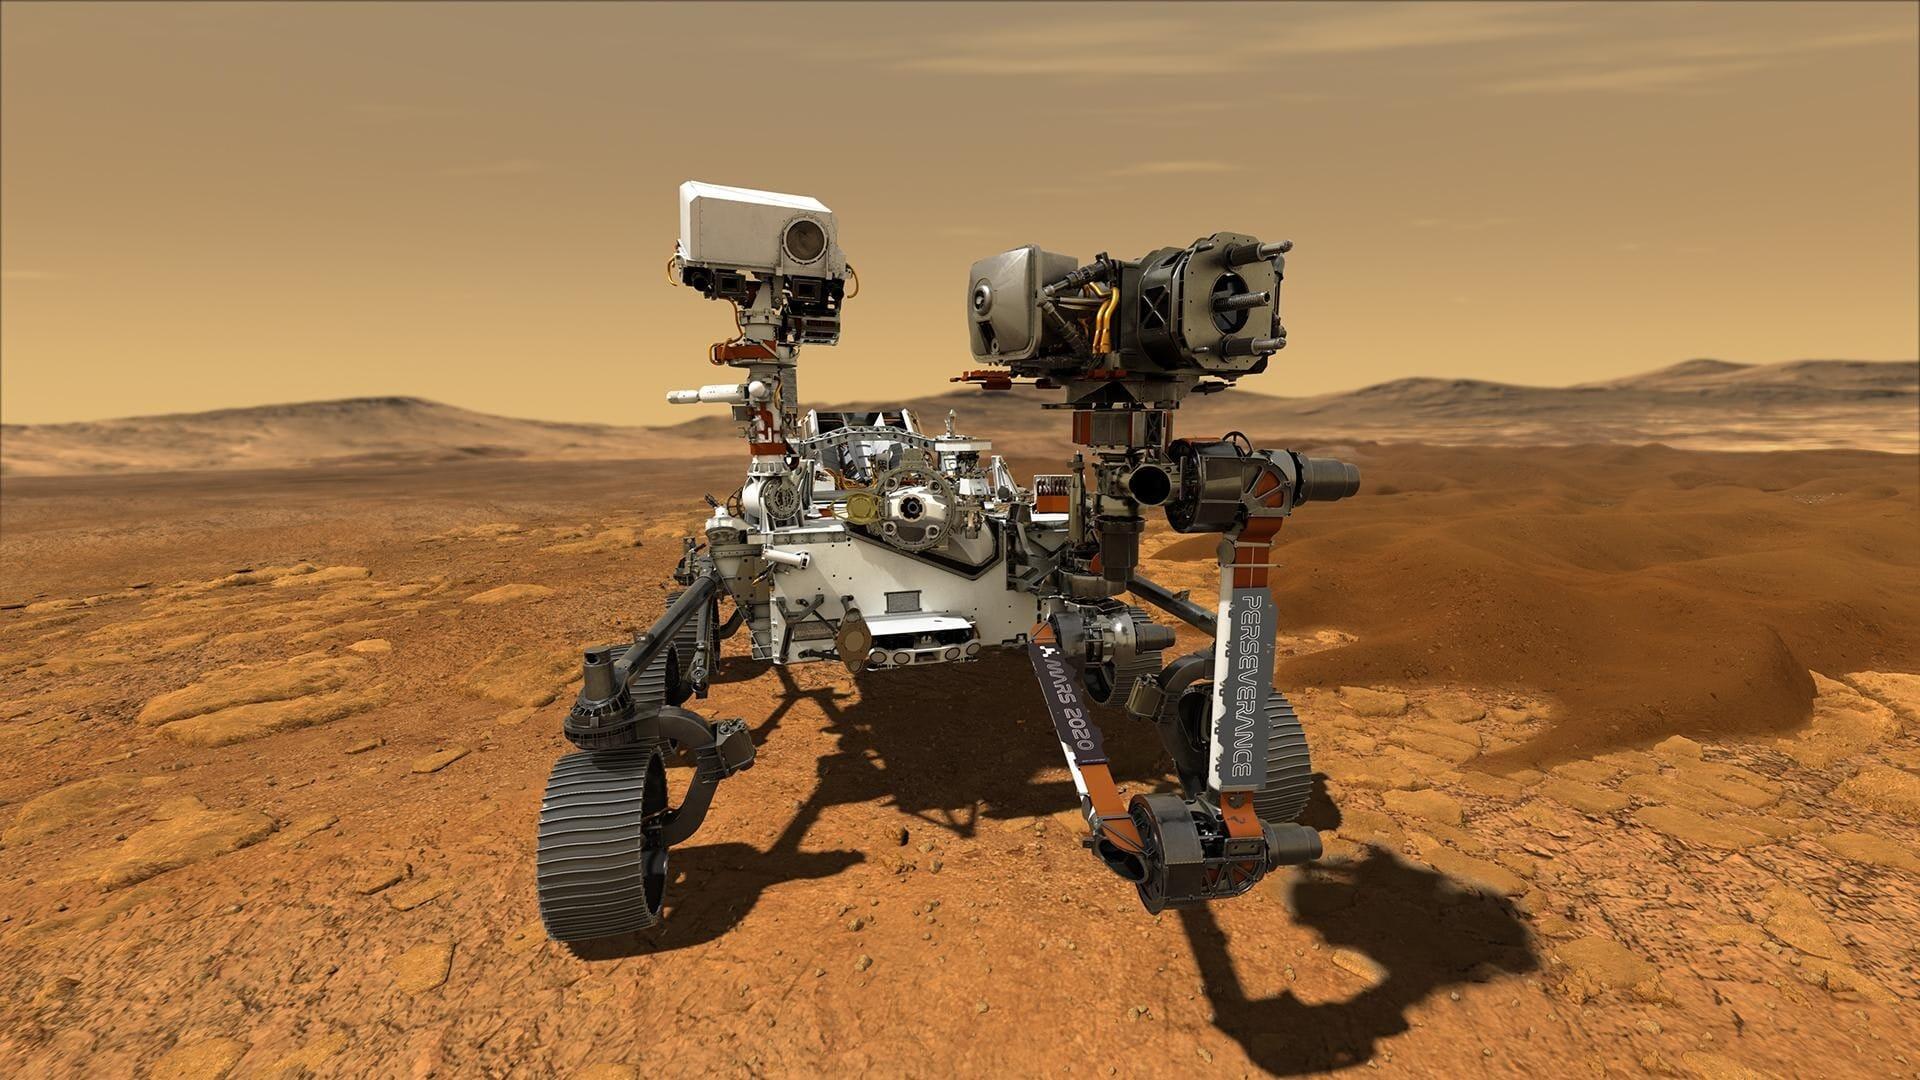 Kızıl gezegende yaşamın izlerini arayacak yeni uzay aracı, Perseverance